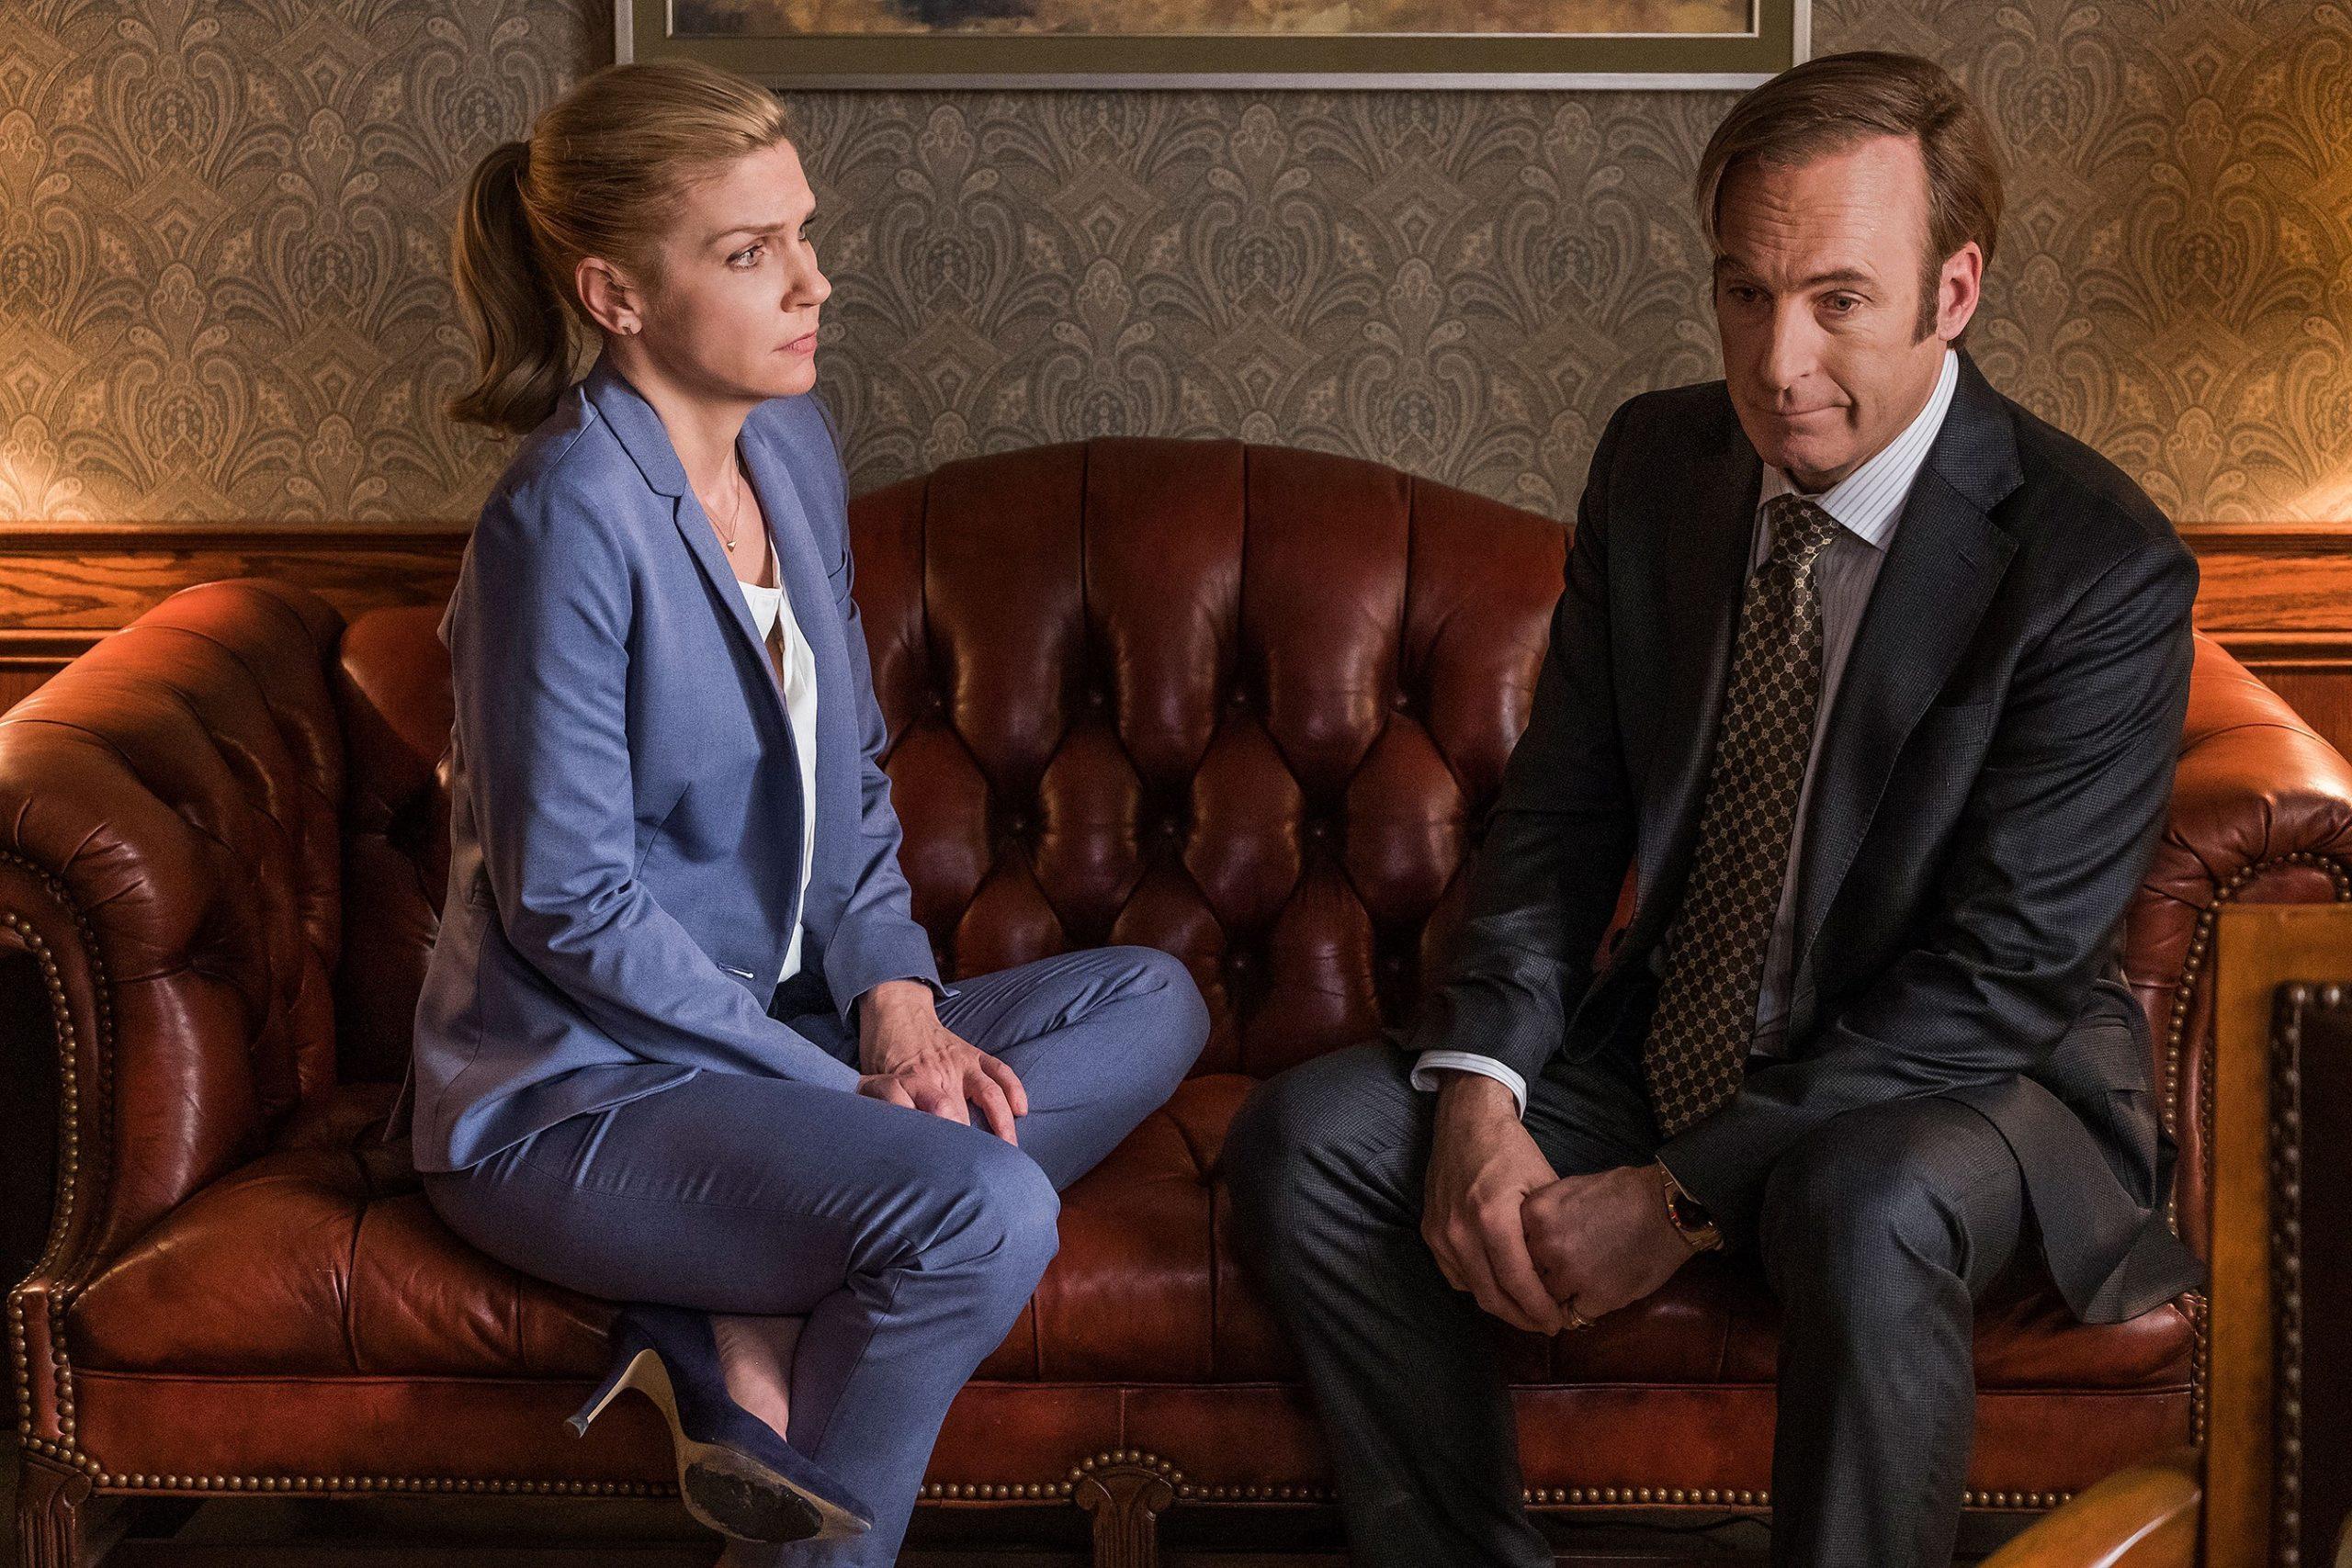 باب اودنکرک بازیگر نقش اصلی سریال Better Call Saul برای اولین بار پس از حمله قلبی در بیانیه ای از طرفدارانش به خاطر حمایت از خود تشکر کرد.